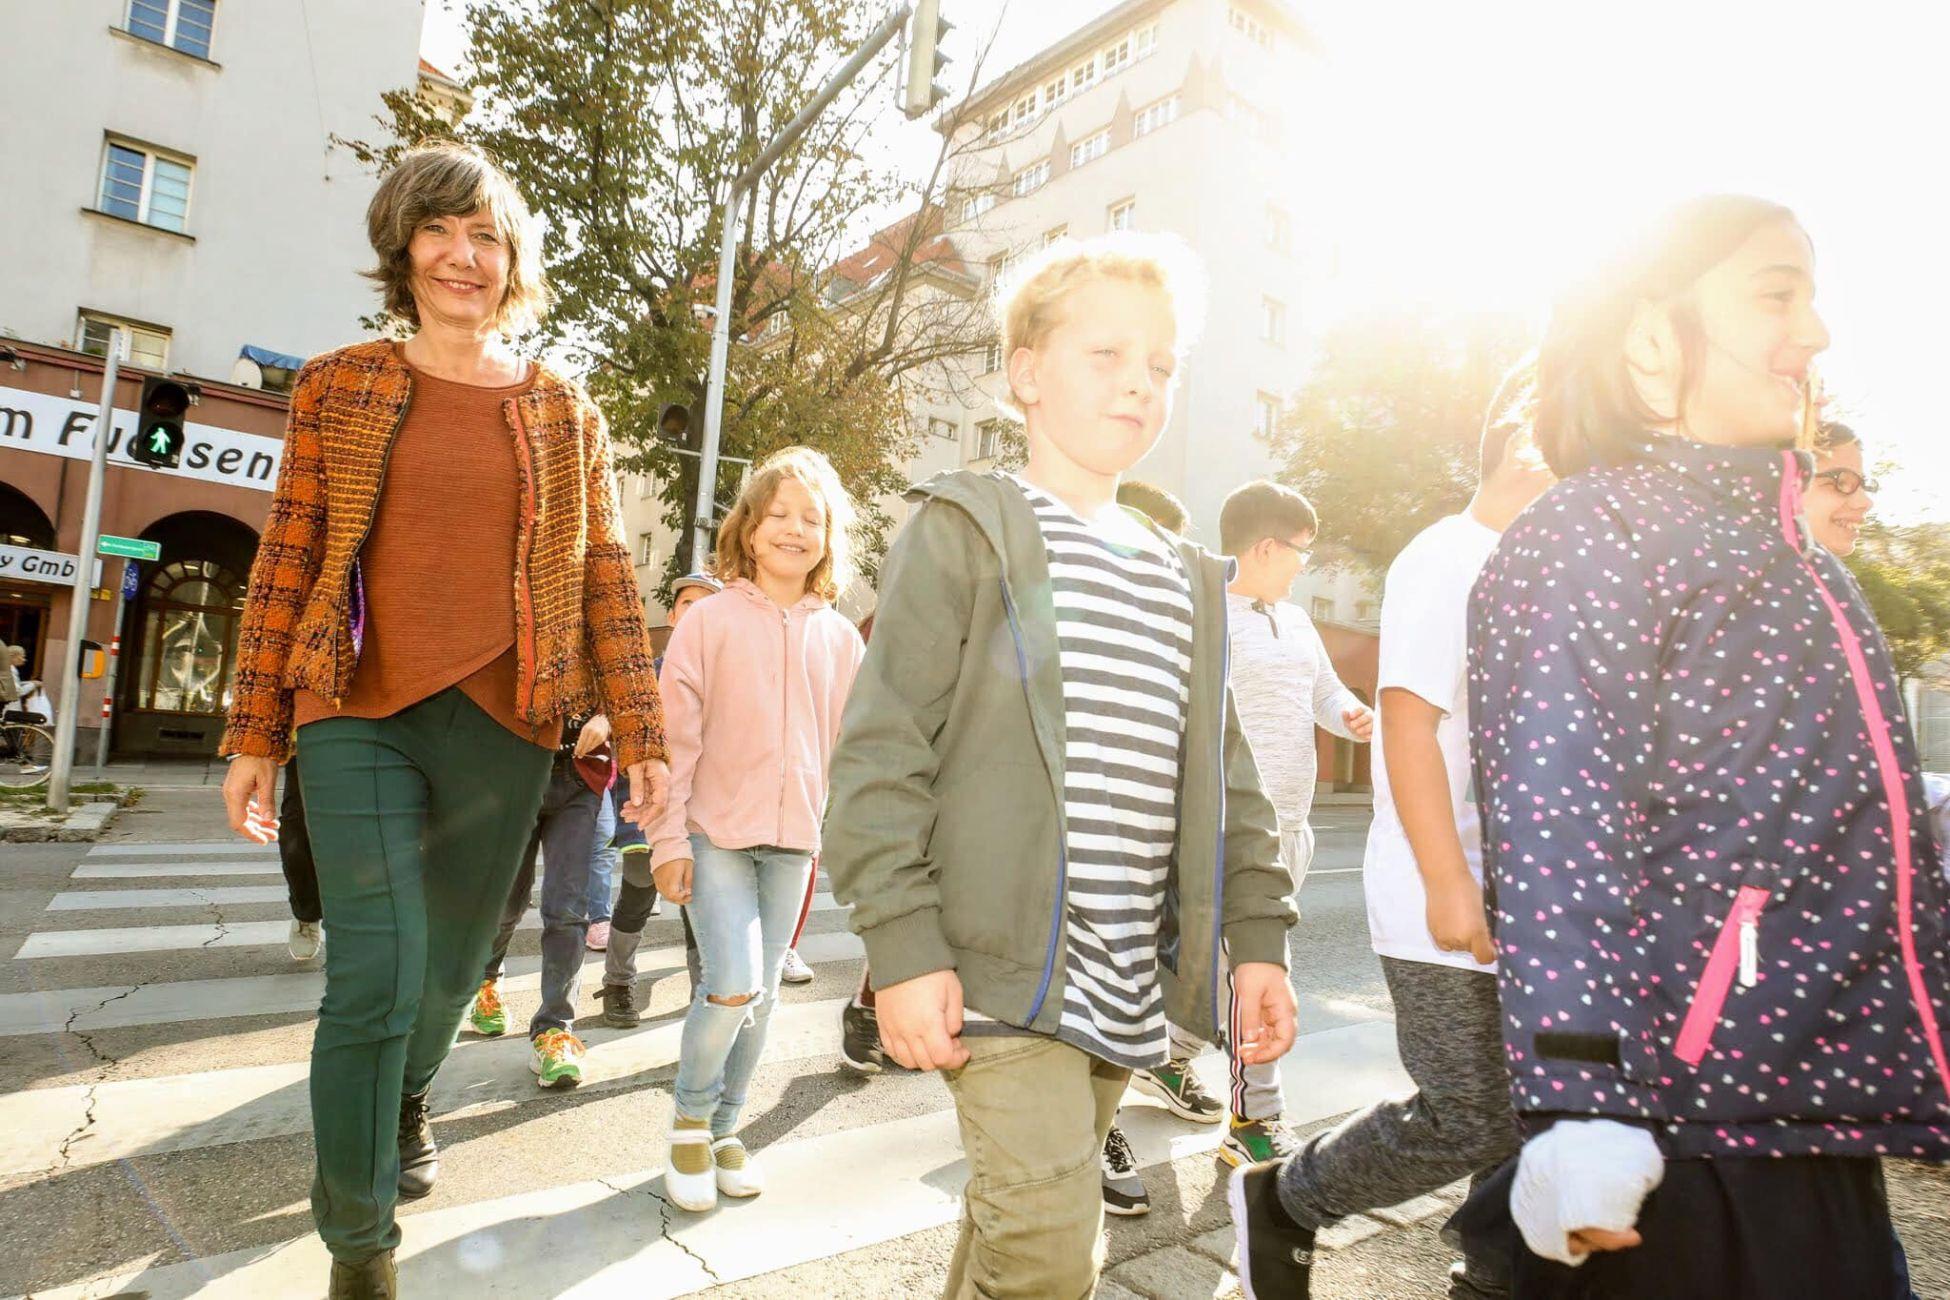 """Wiens 1. """"intelligente"""" Ampel ist im 12. Bezirk in Betrieb. Vizebürgermeisterin Birgit Hebein testet die Ampel gemeinsam mit Kindern der angrenzenden Volksschule."""